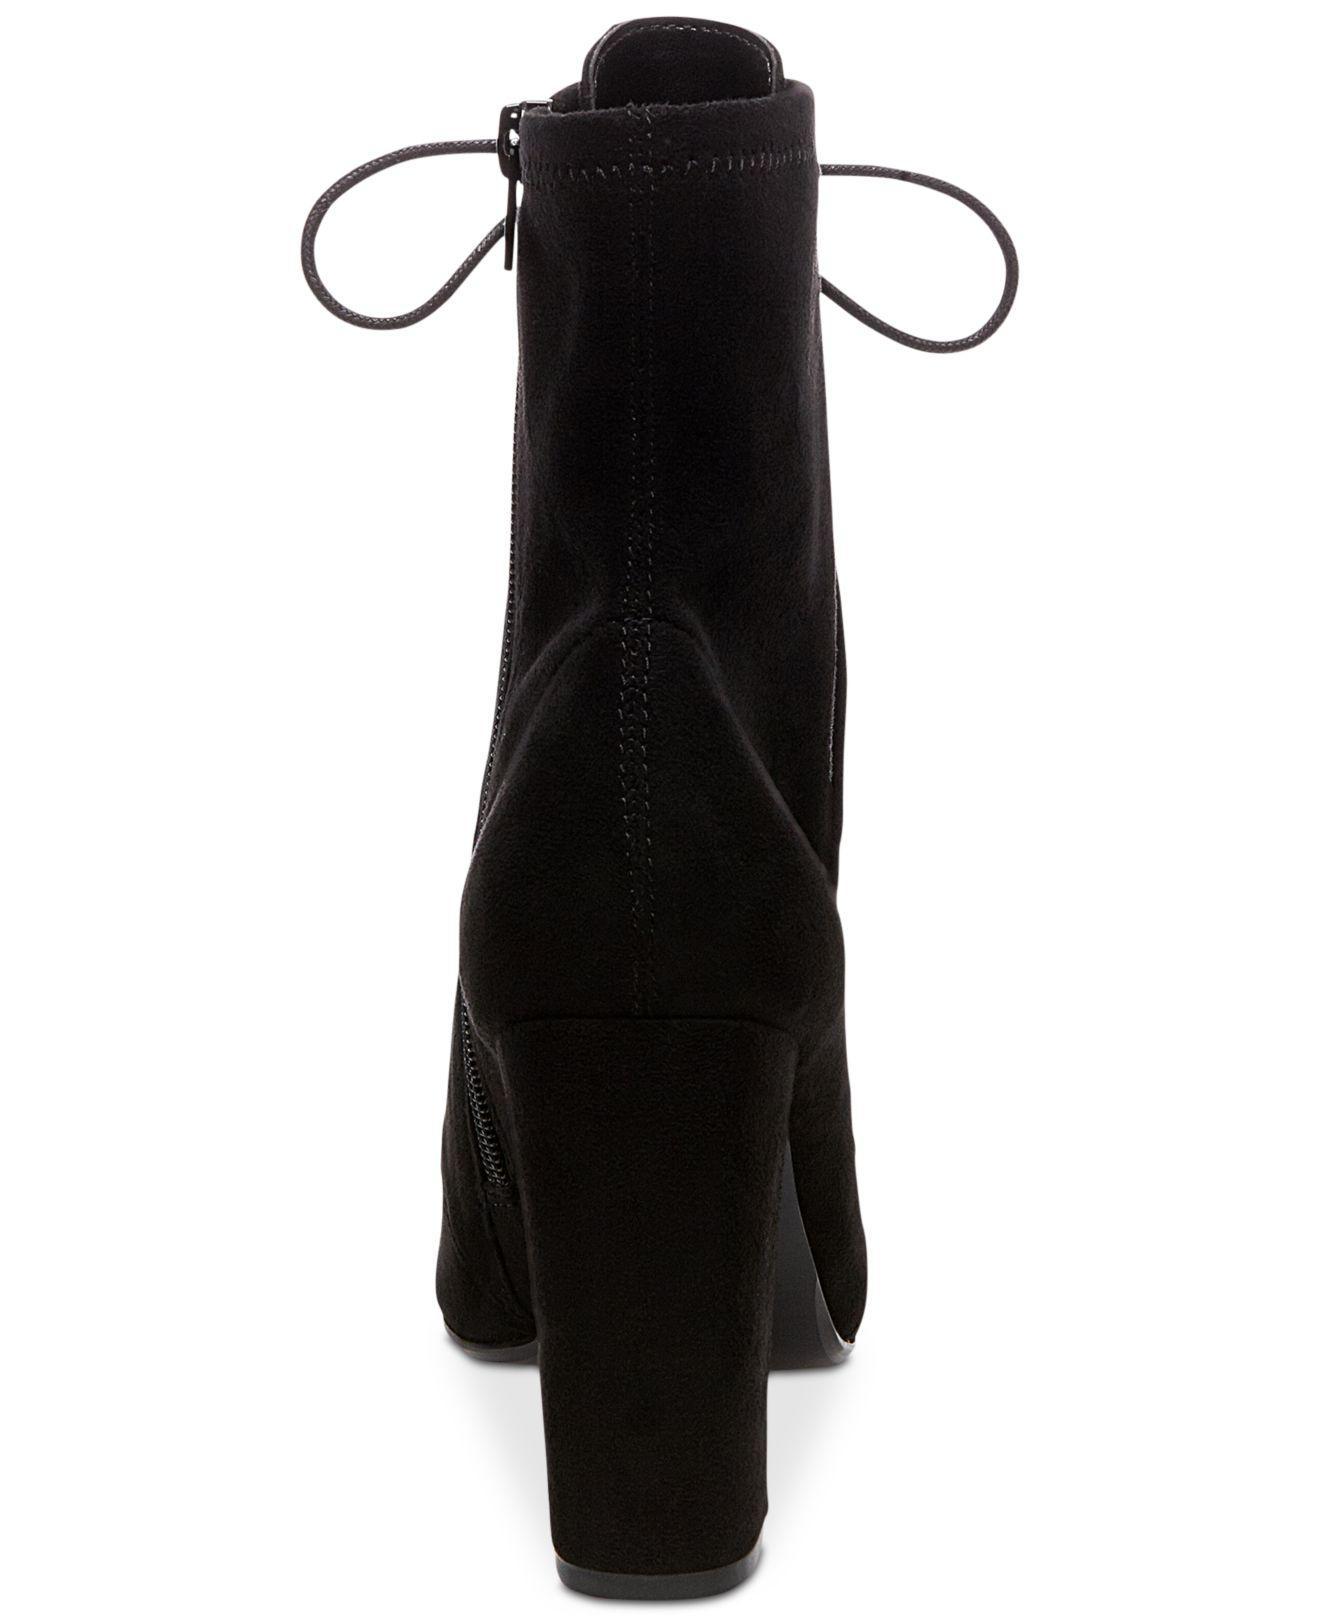 c3c260f046e2 Lyst - Steve Madden Women s Elley Lace-up Block-heel Booties in Black